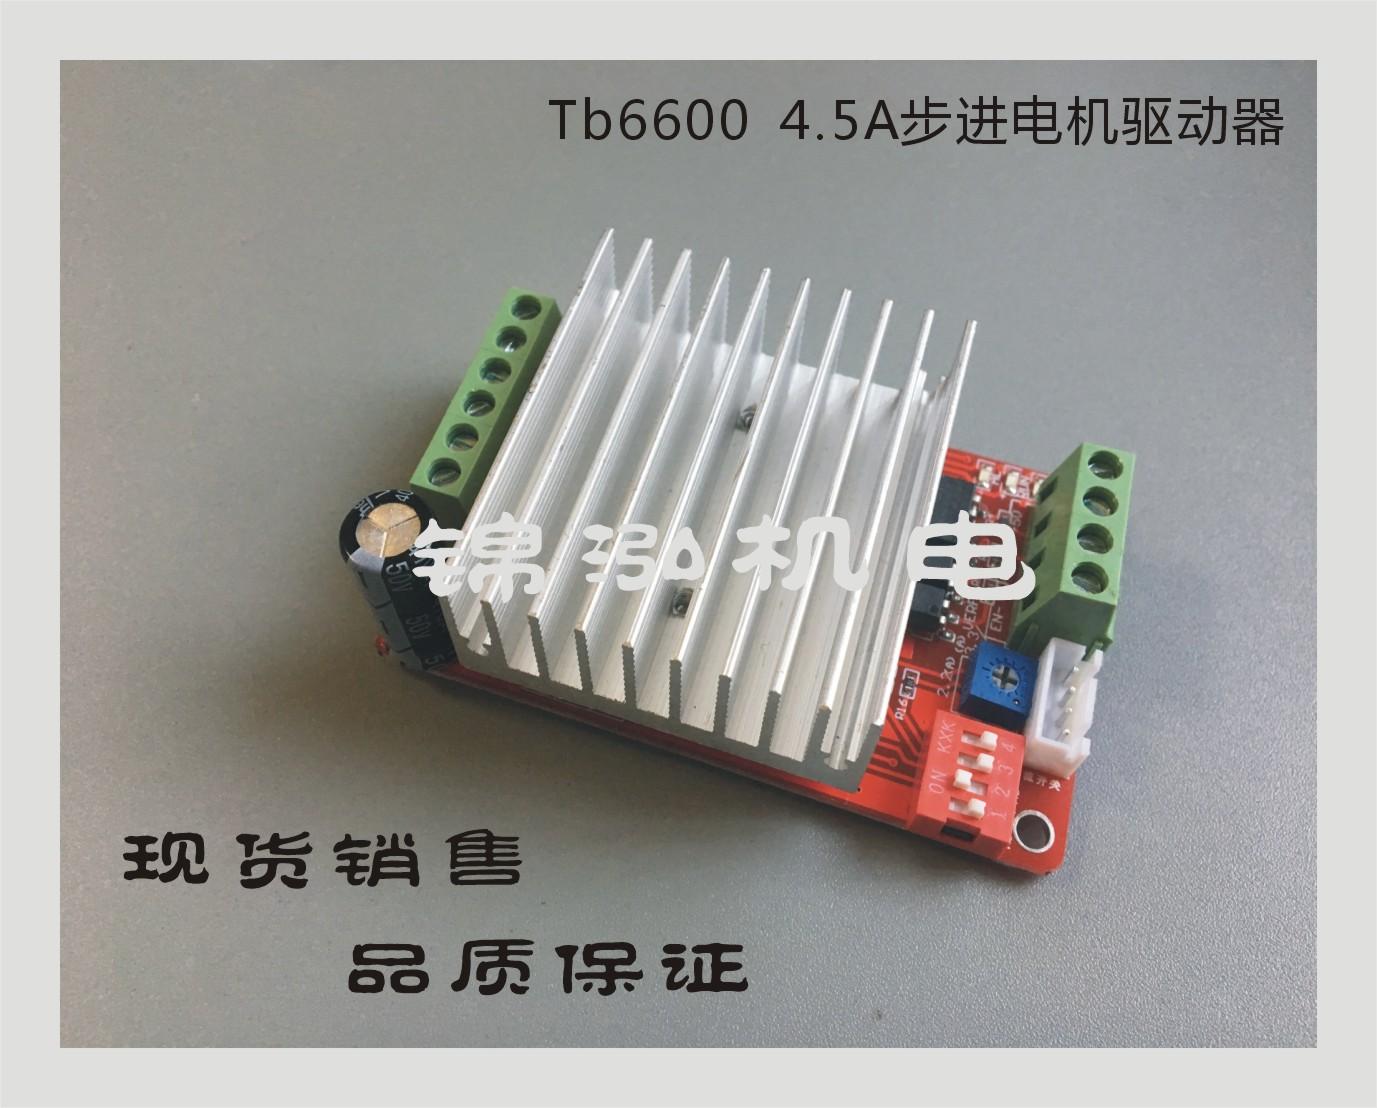 锦泓tb6600步进电机驱动模块